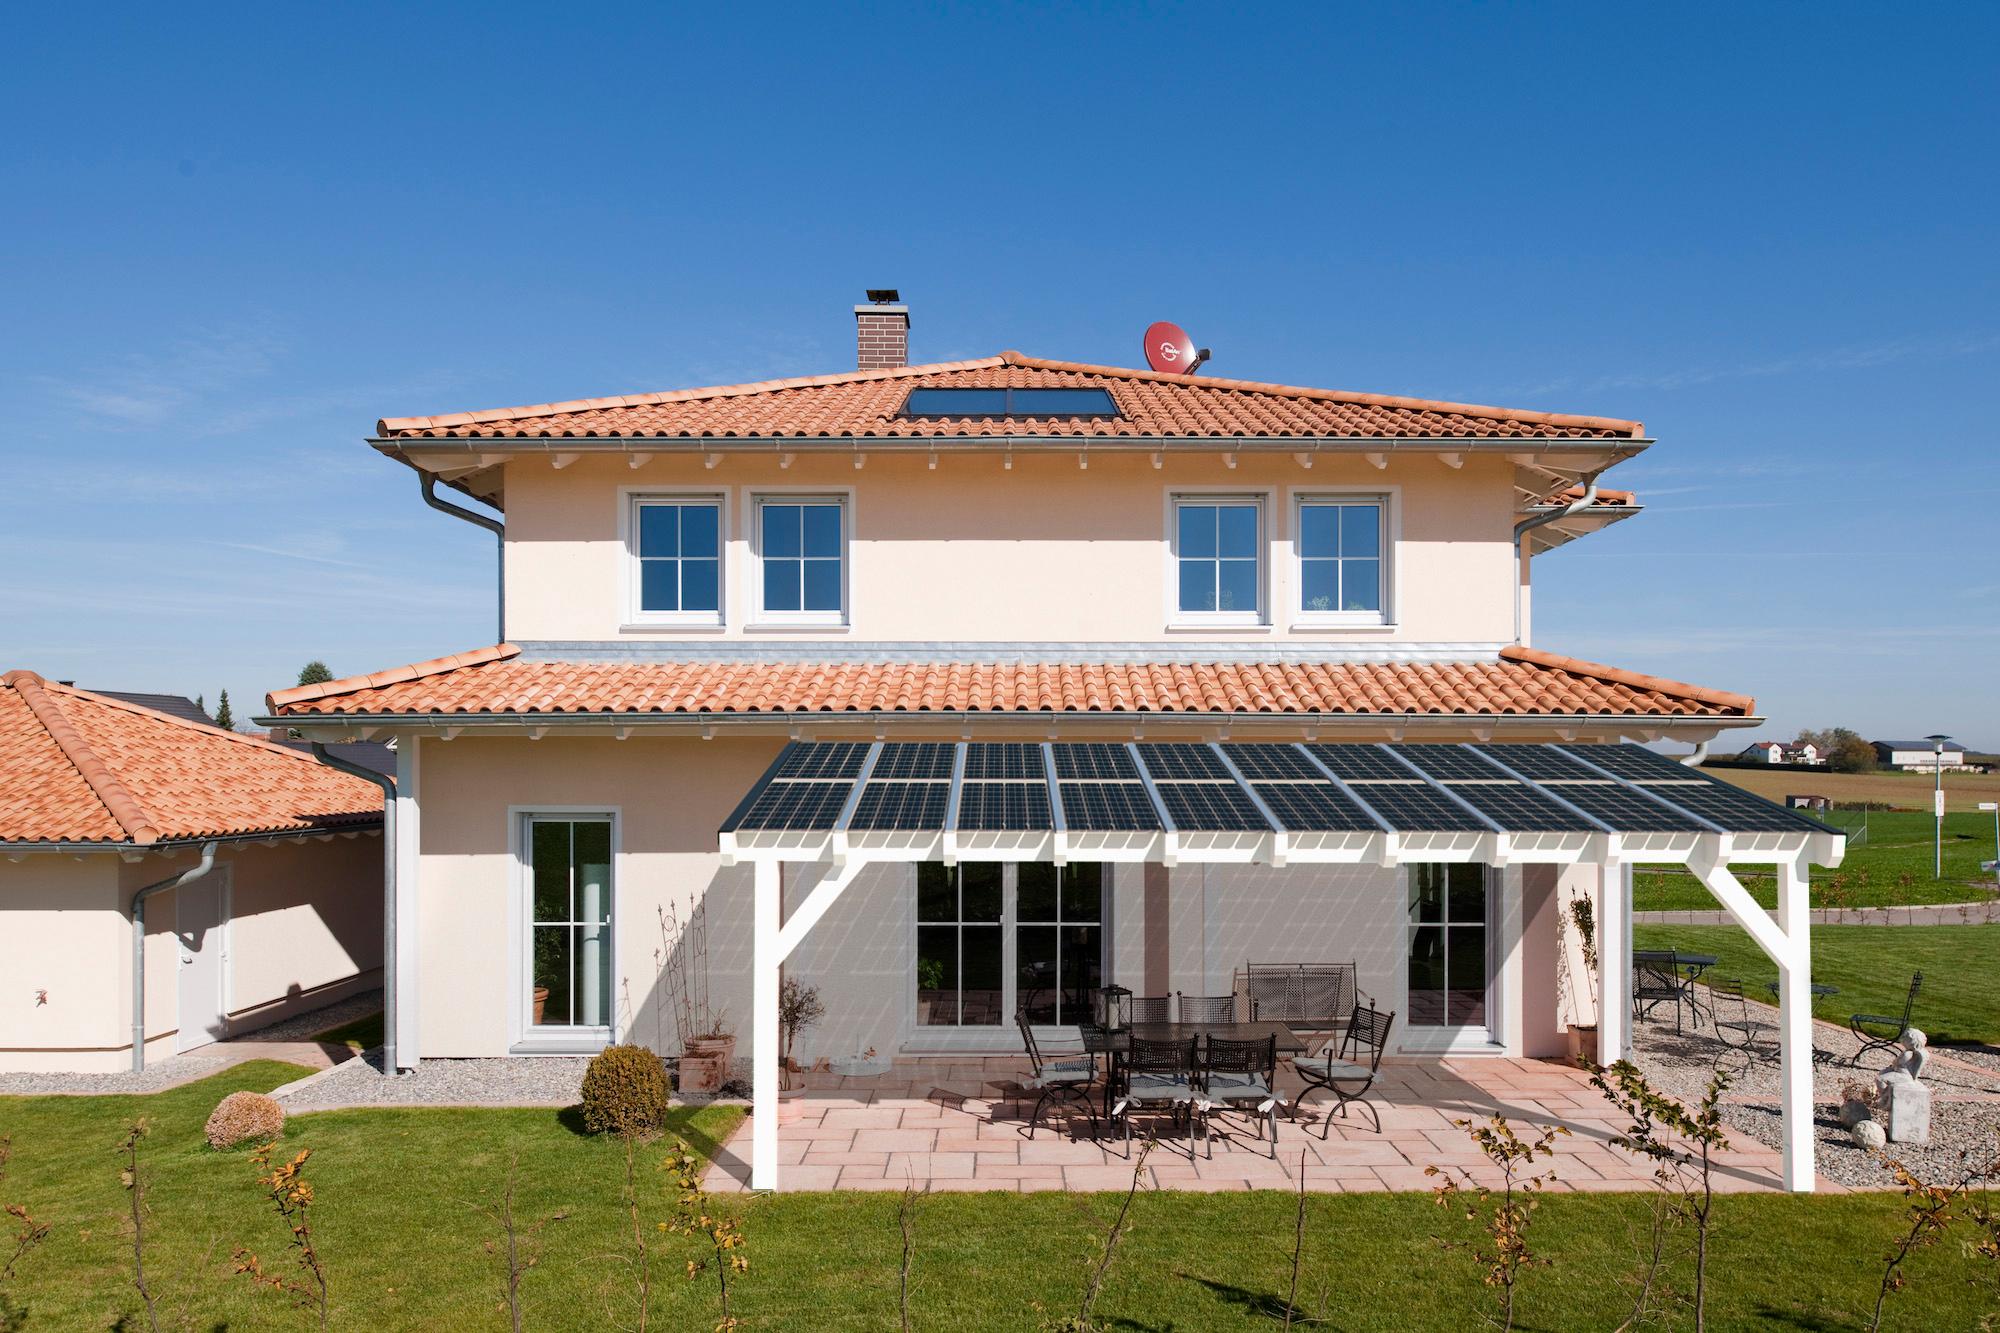 Solarterrassen vereinen zwei Funktionen in einem: Sie verschatten die Terrasse und wandeln das Sonnenlicht in Energie für den Haushalt um. Bild: easyterrasse.de